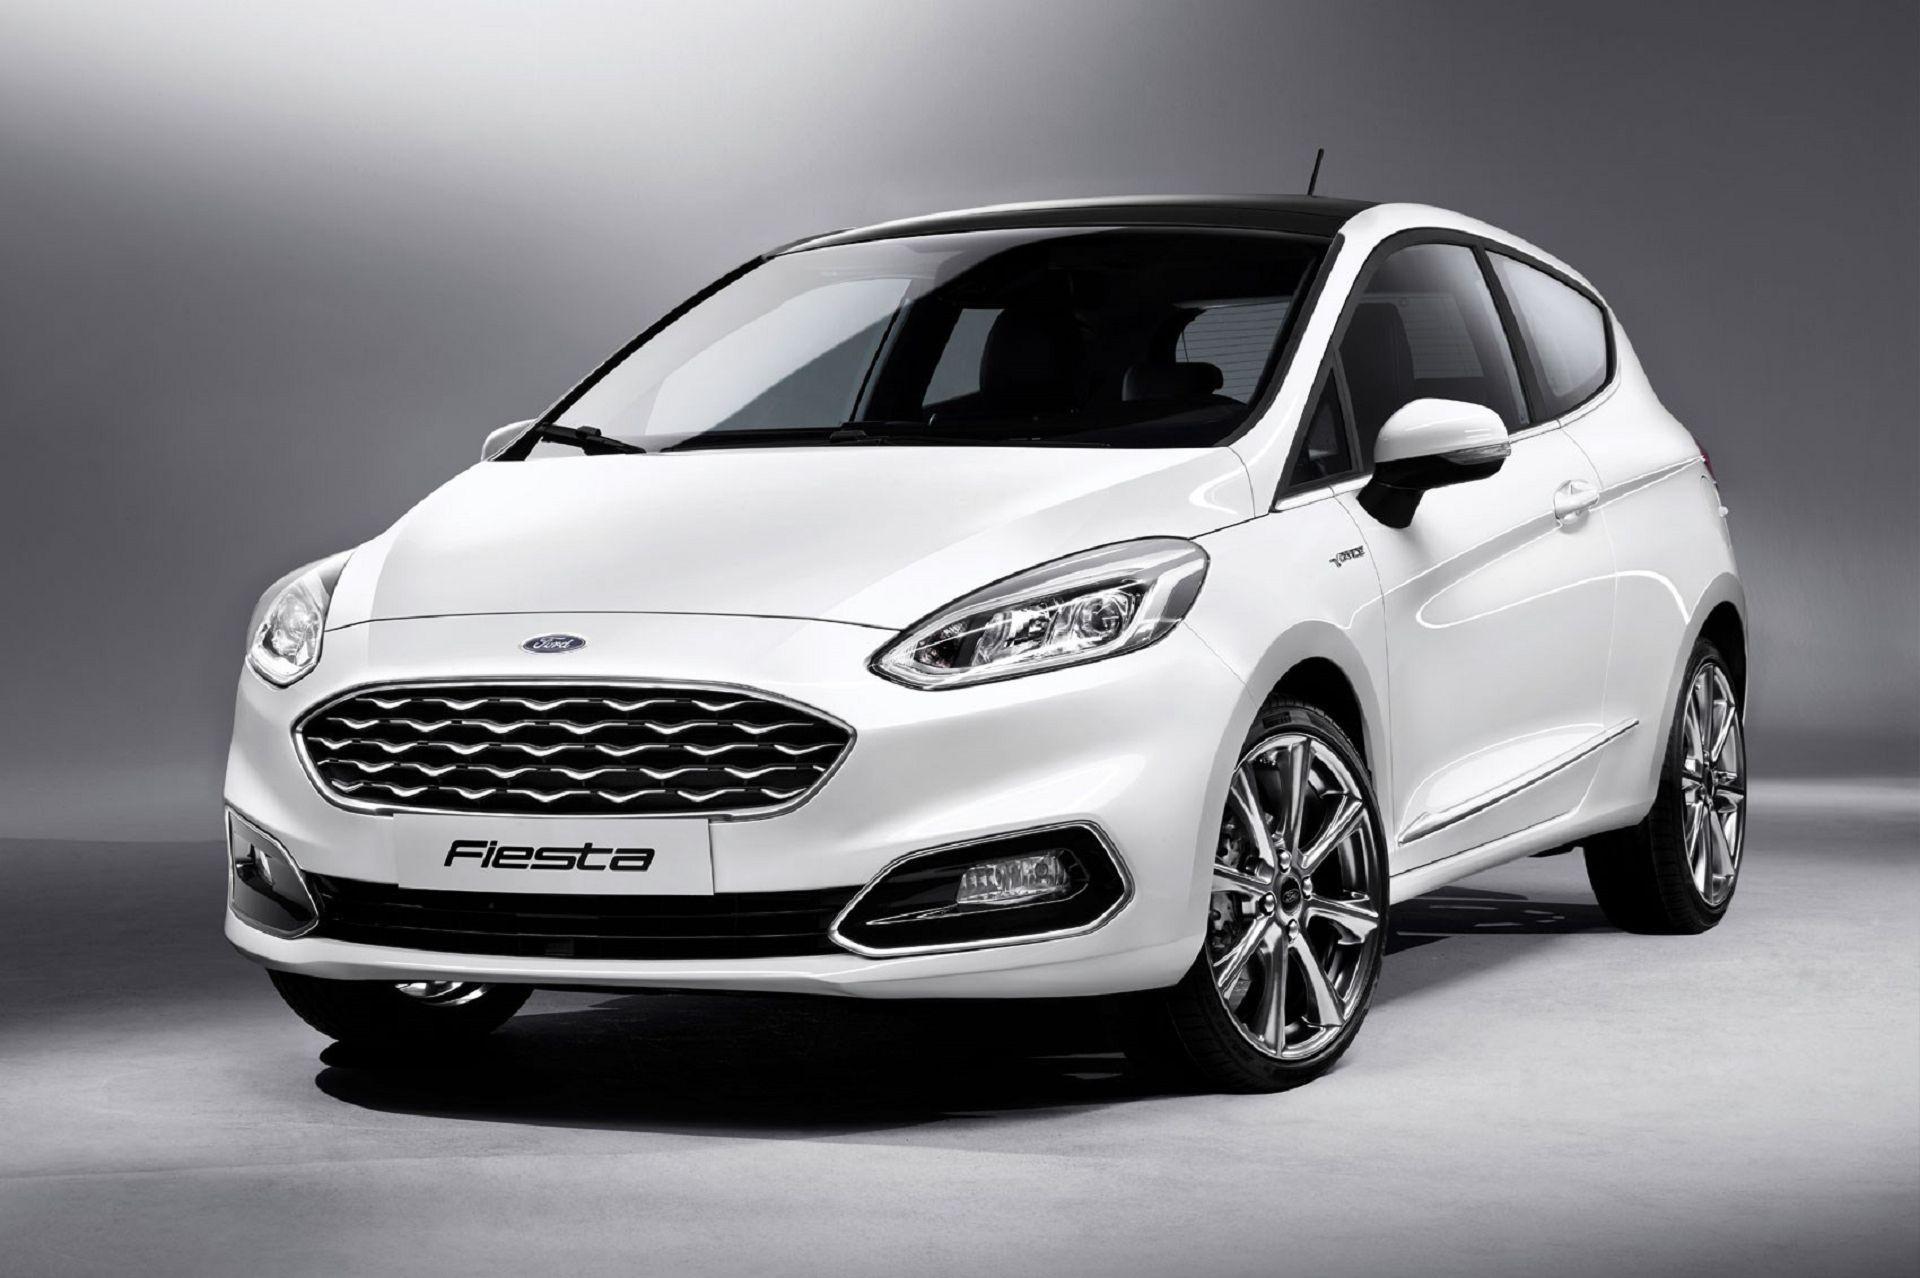 Ford Fiesta Pics